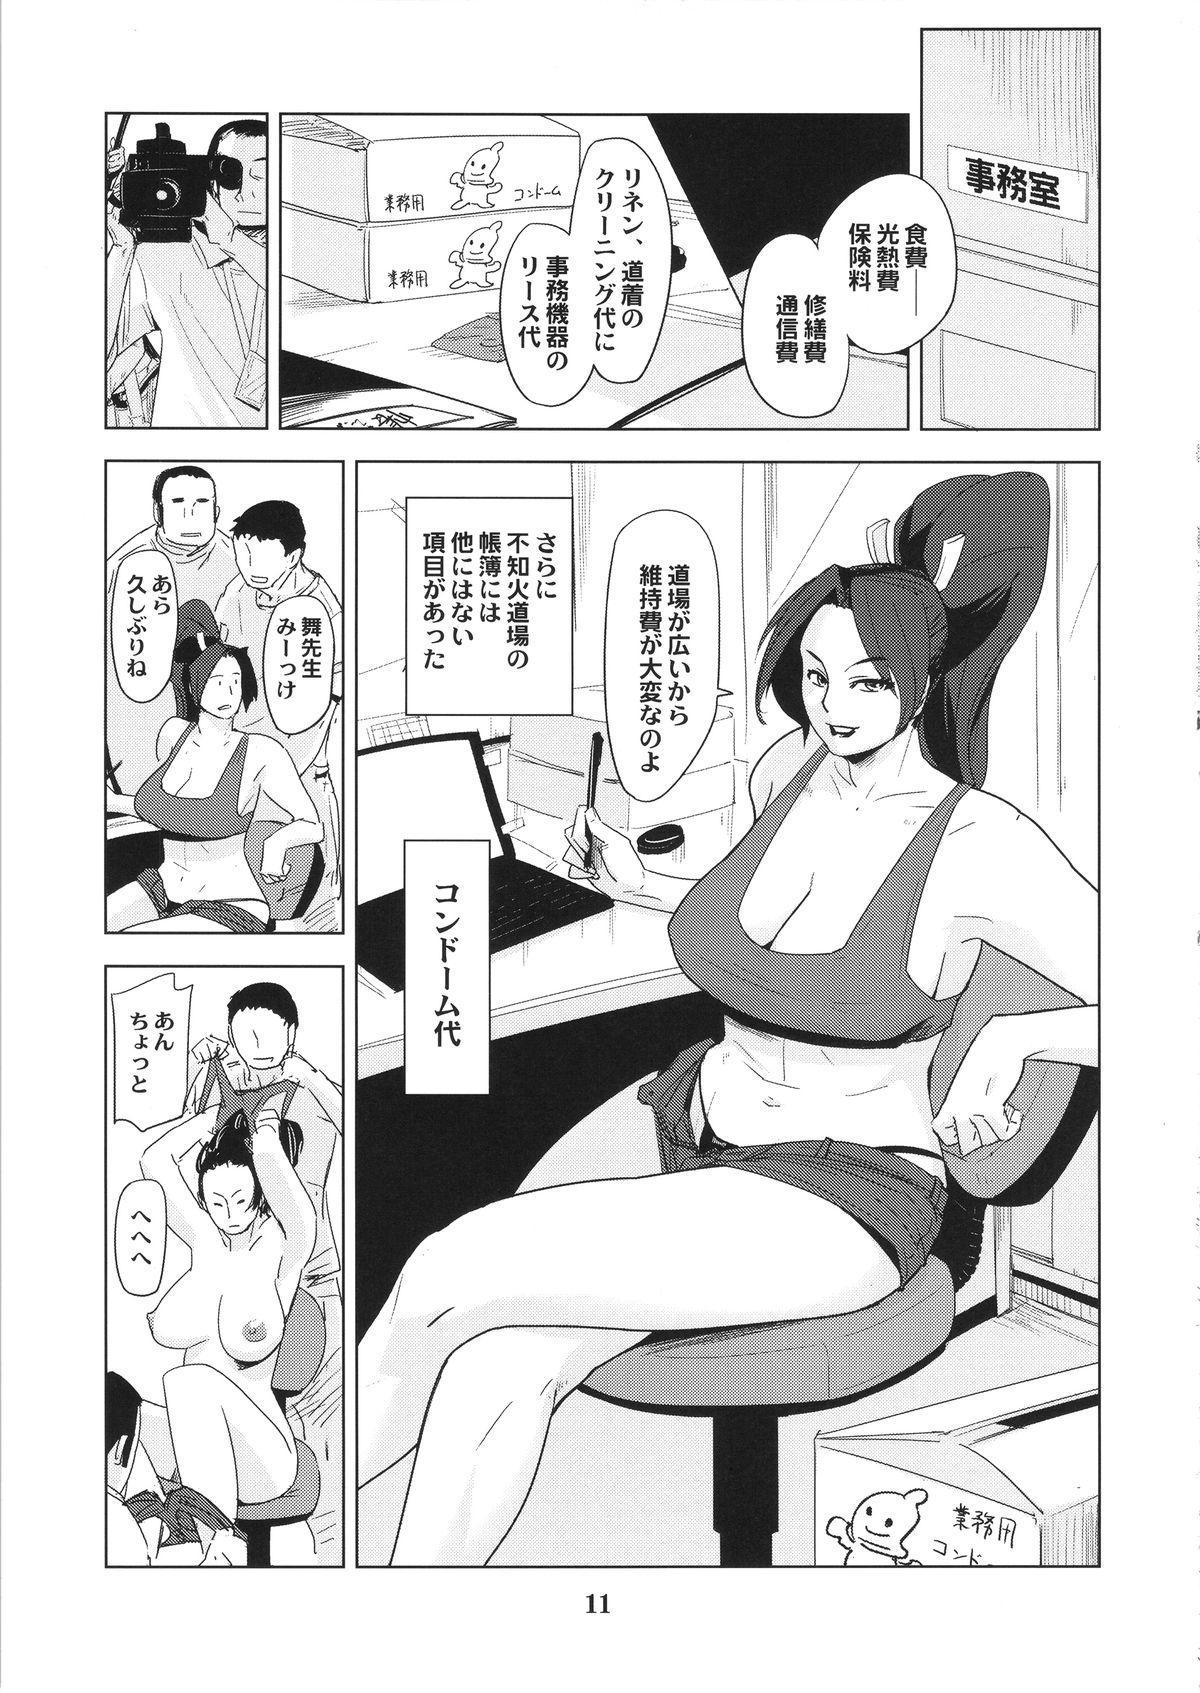 Shiranui Mai Mitchaku 24-ji 9